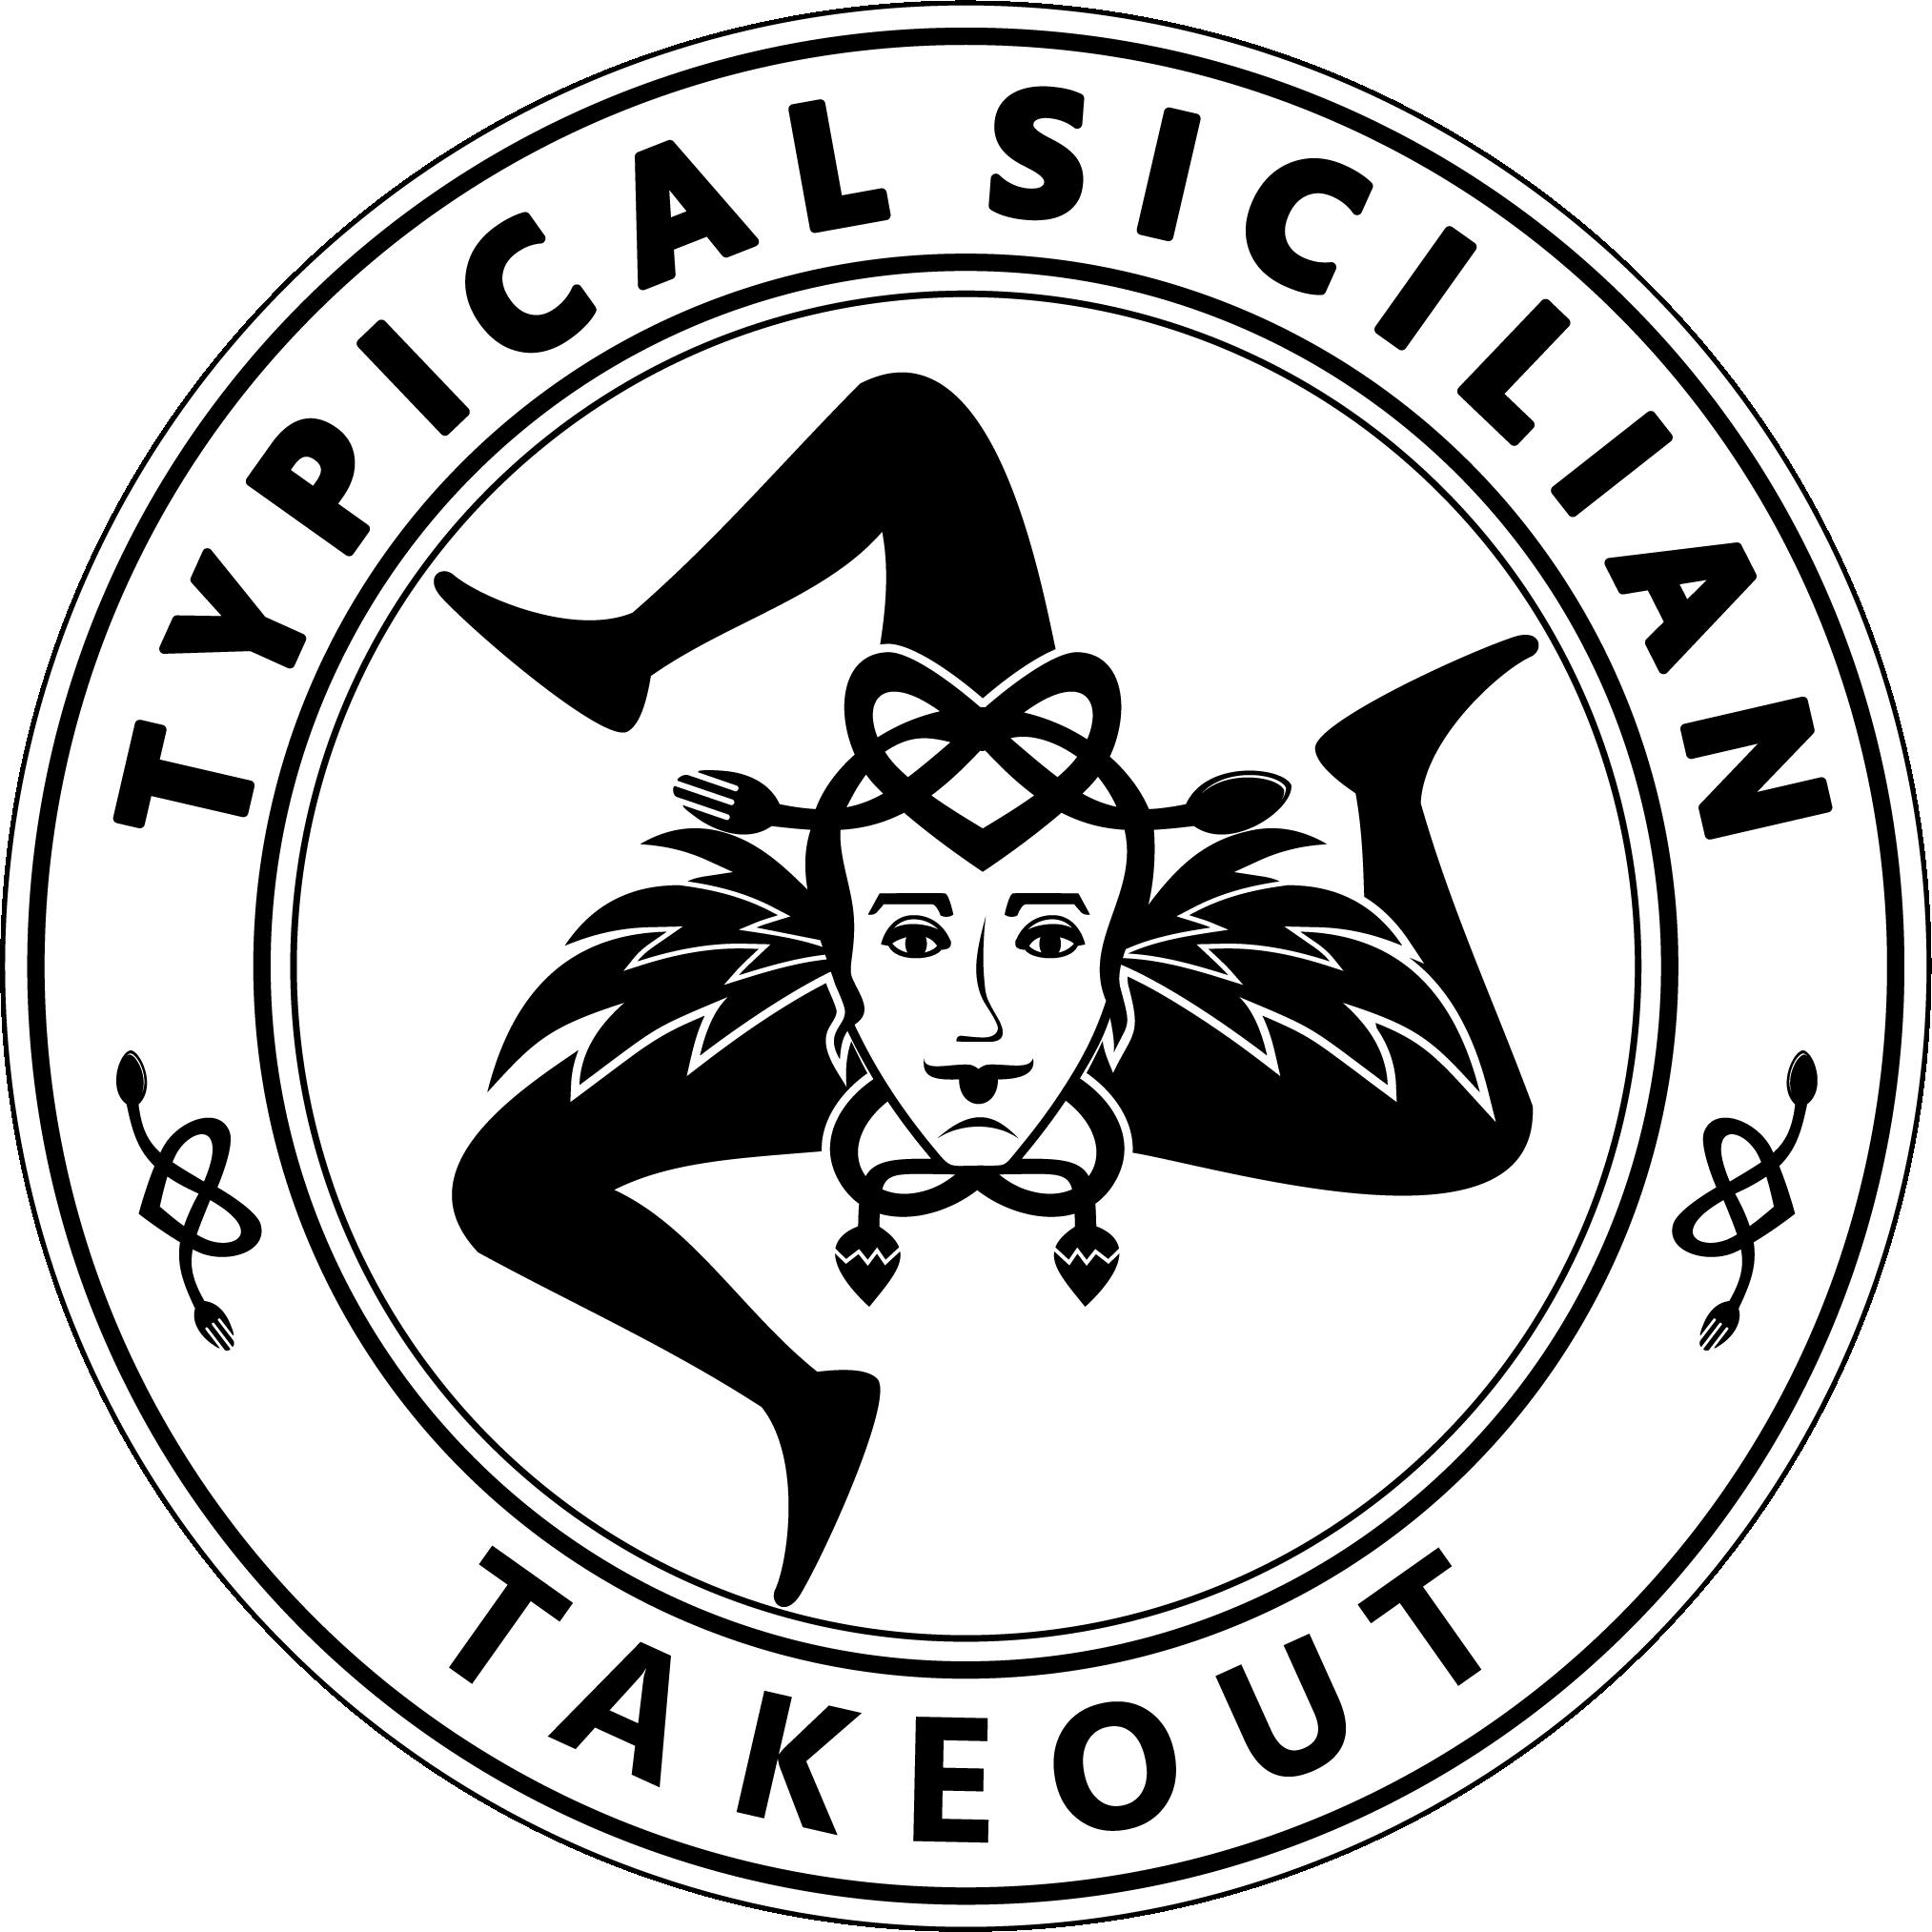 Typical Sicilian Logo